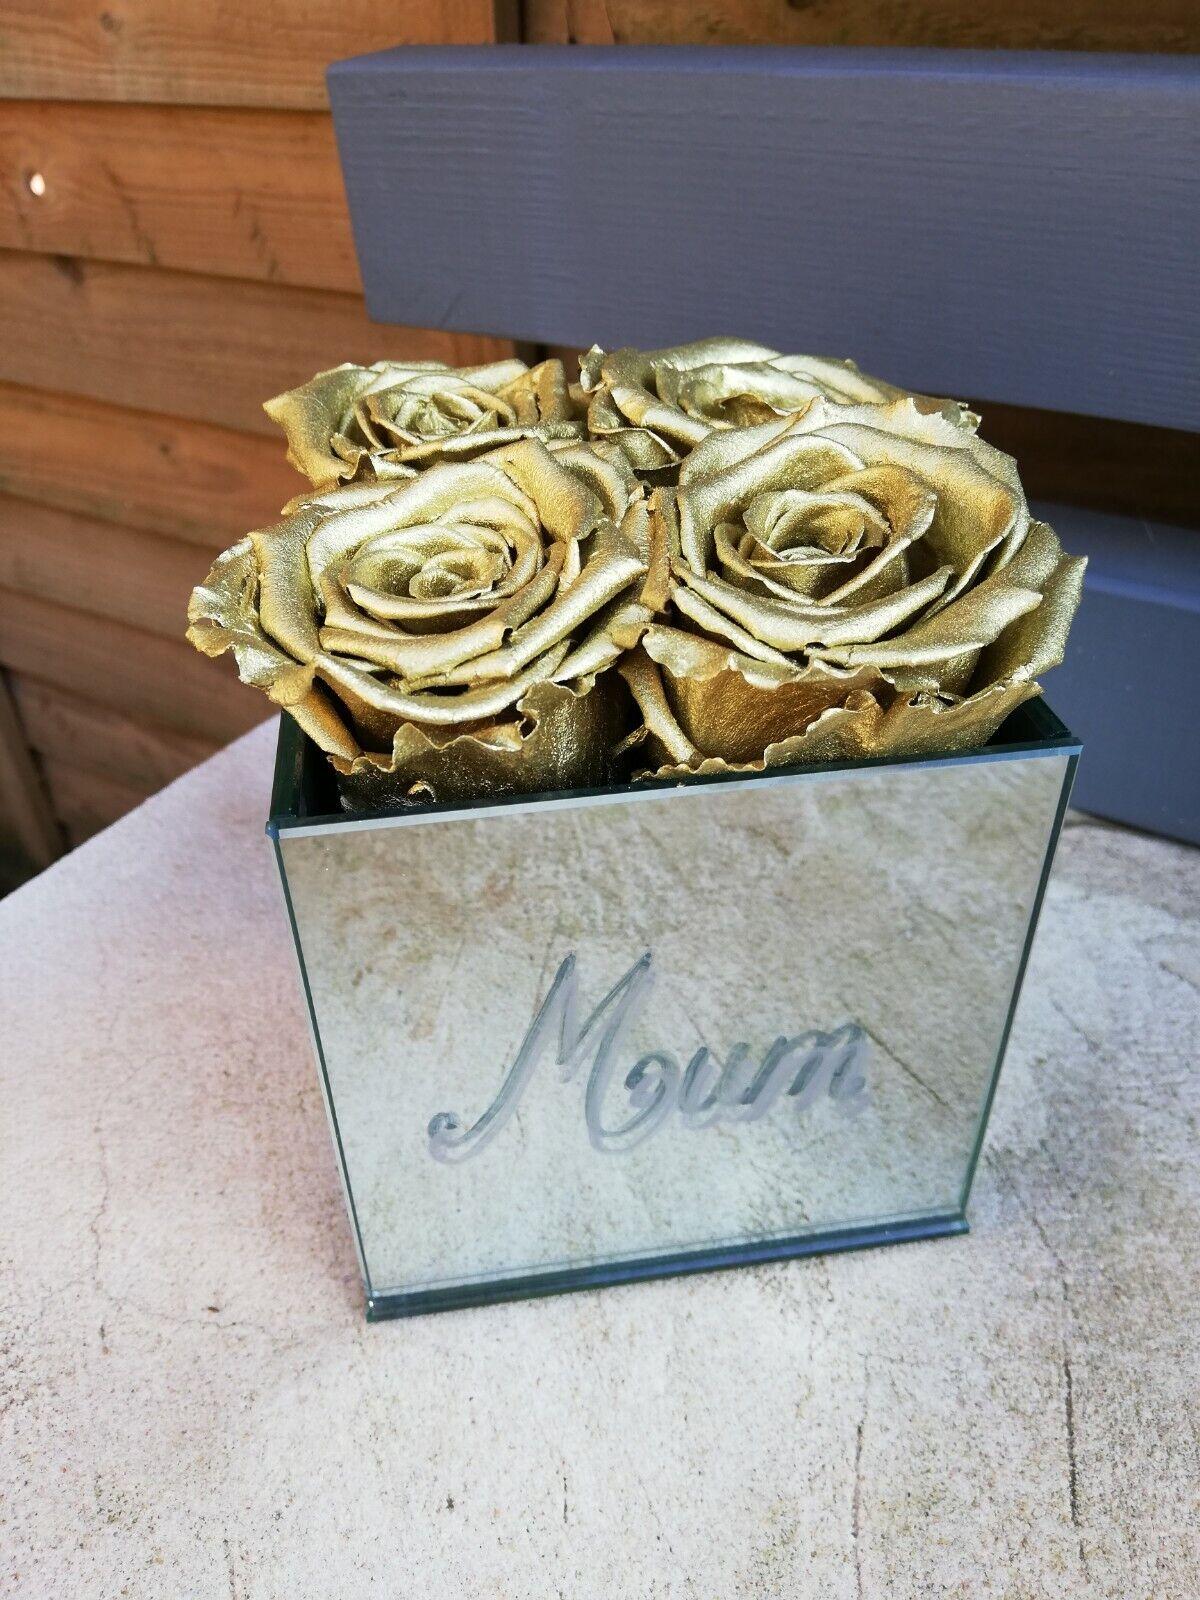 rosa conservati-MAMMA D'oro-vetro cubo per la festa della mamma mamma mamma 101866